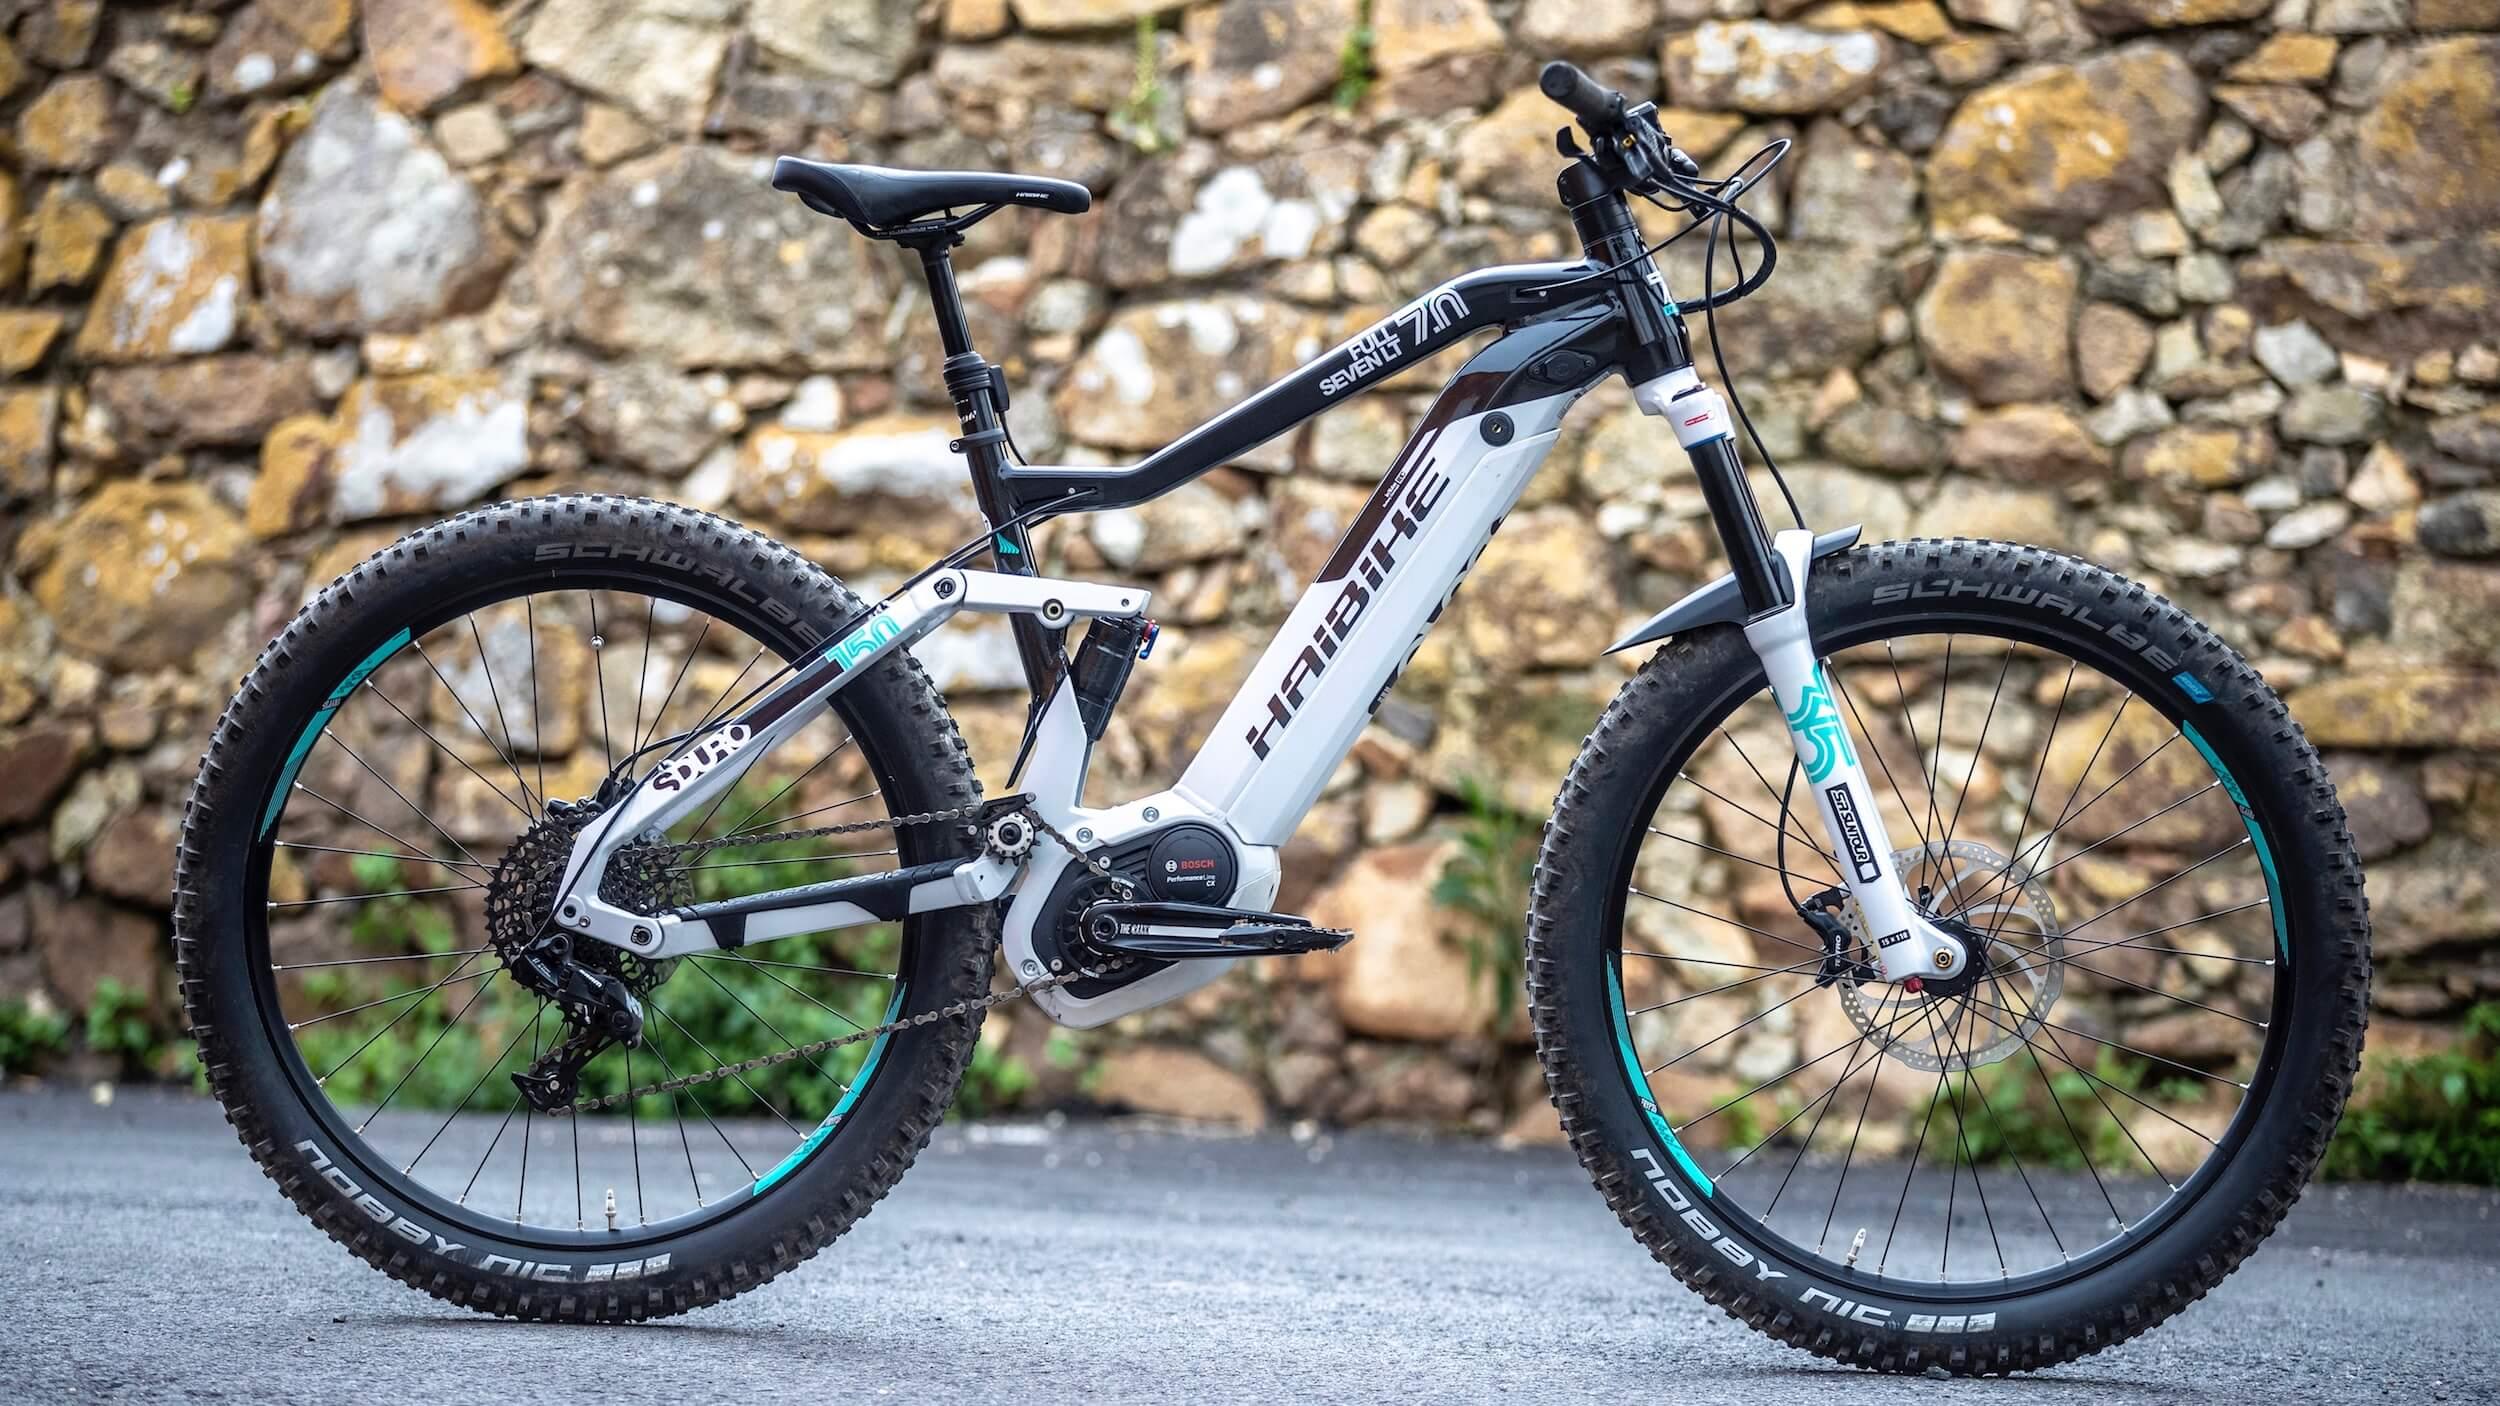 Haibike electric bike